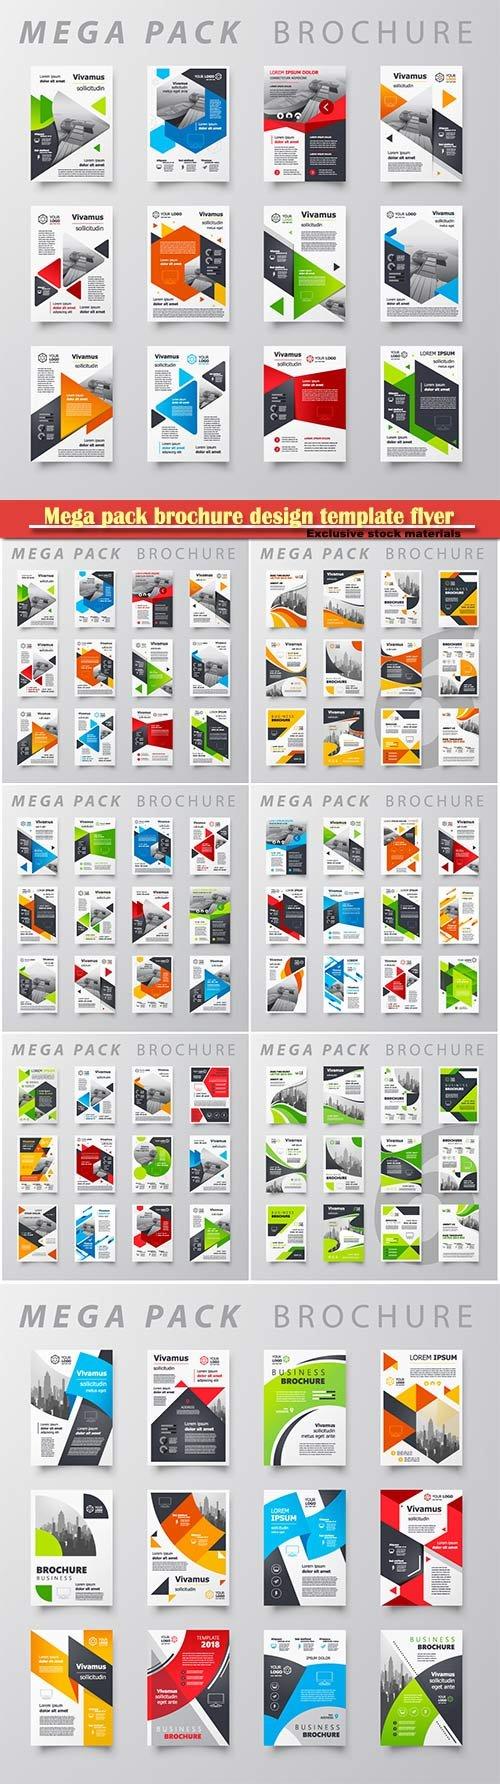 Mega pack brochure design template flyer vector set